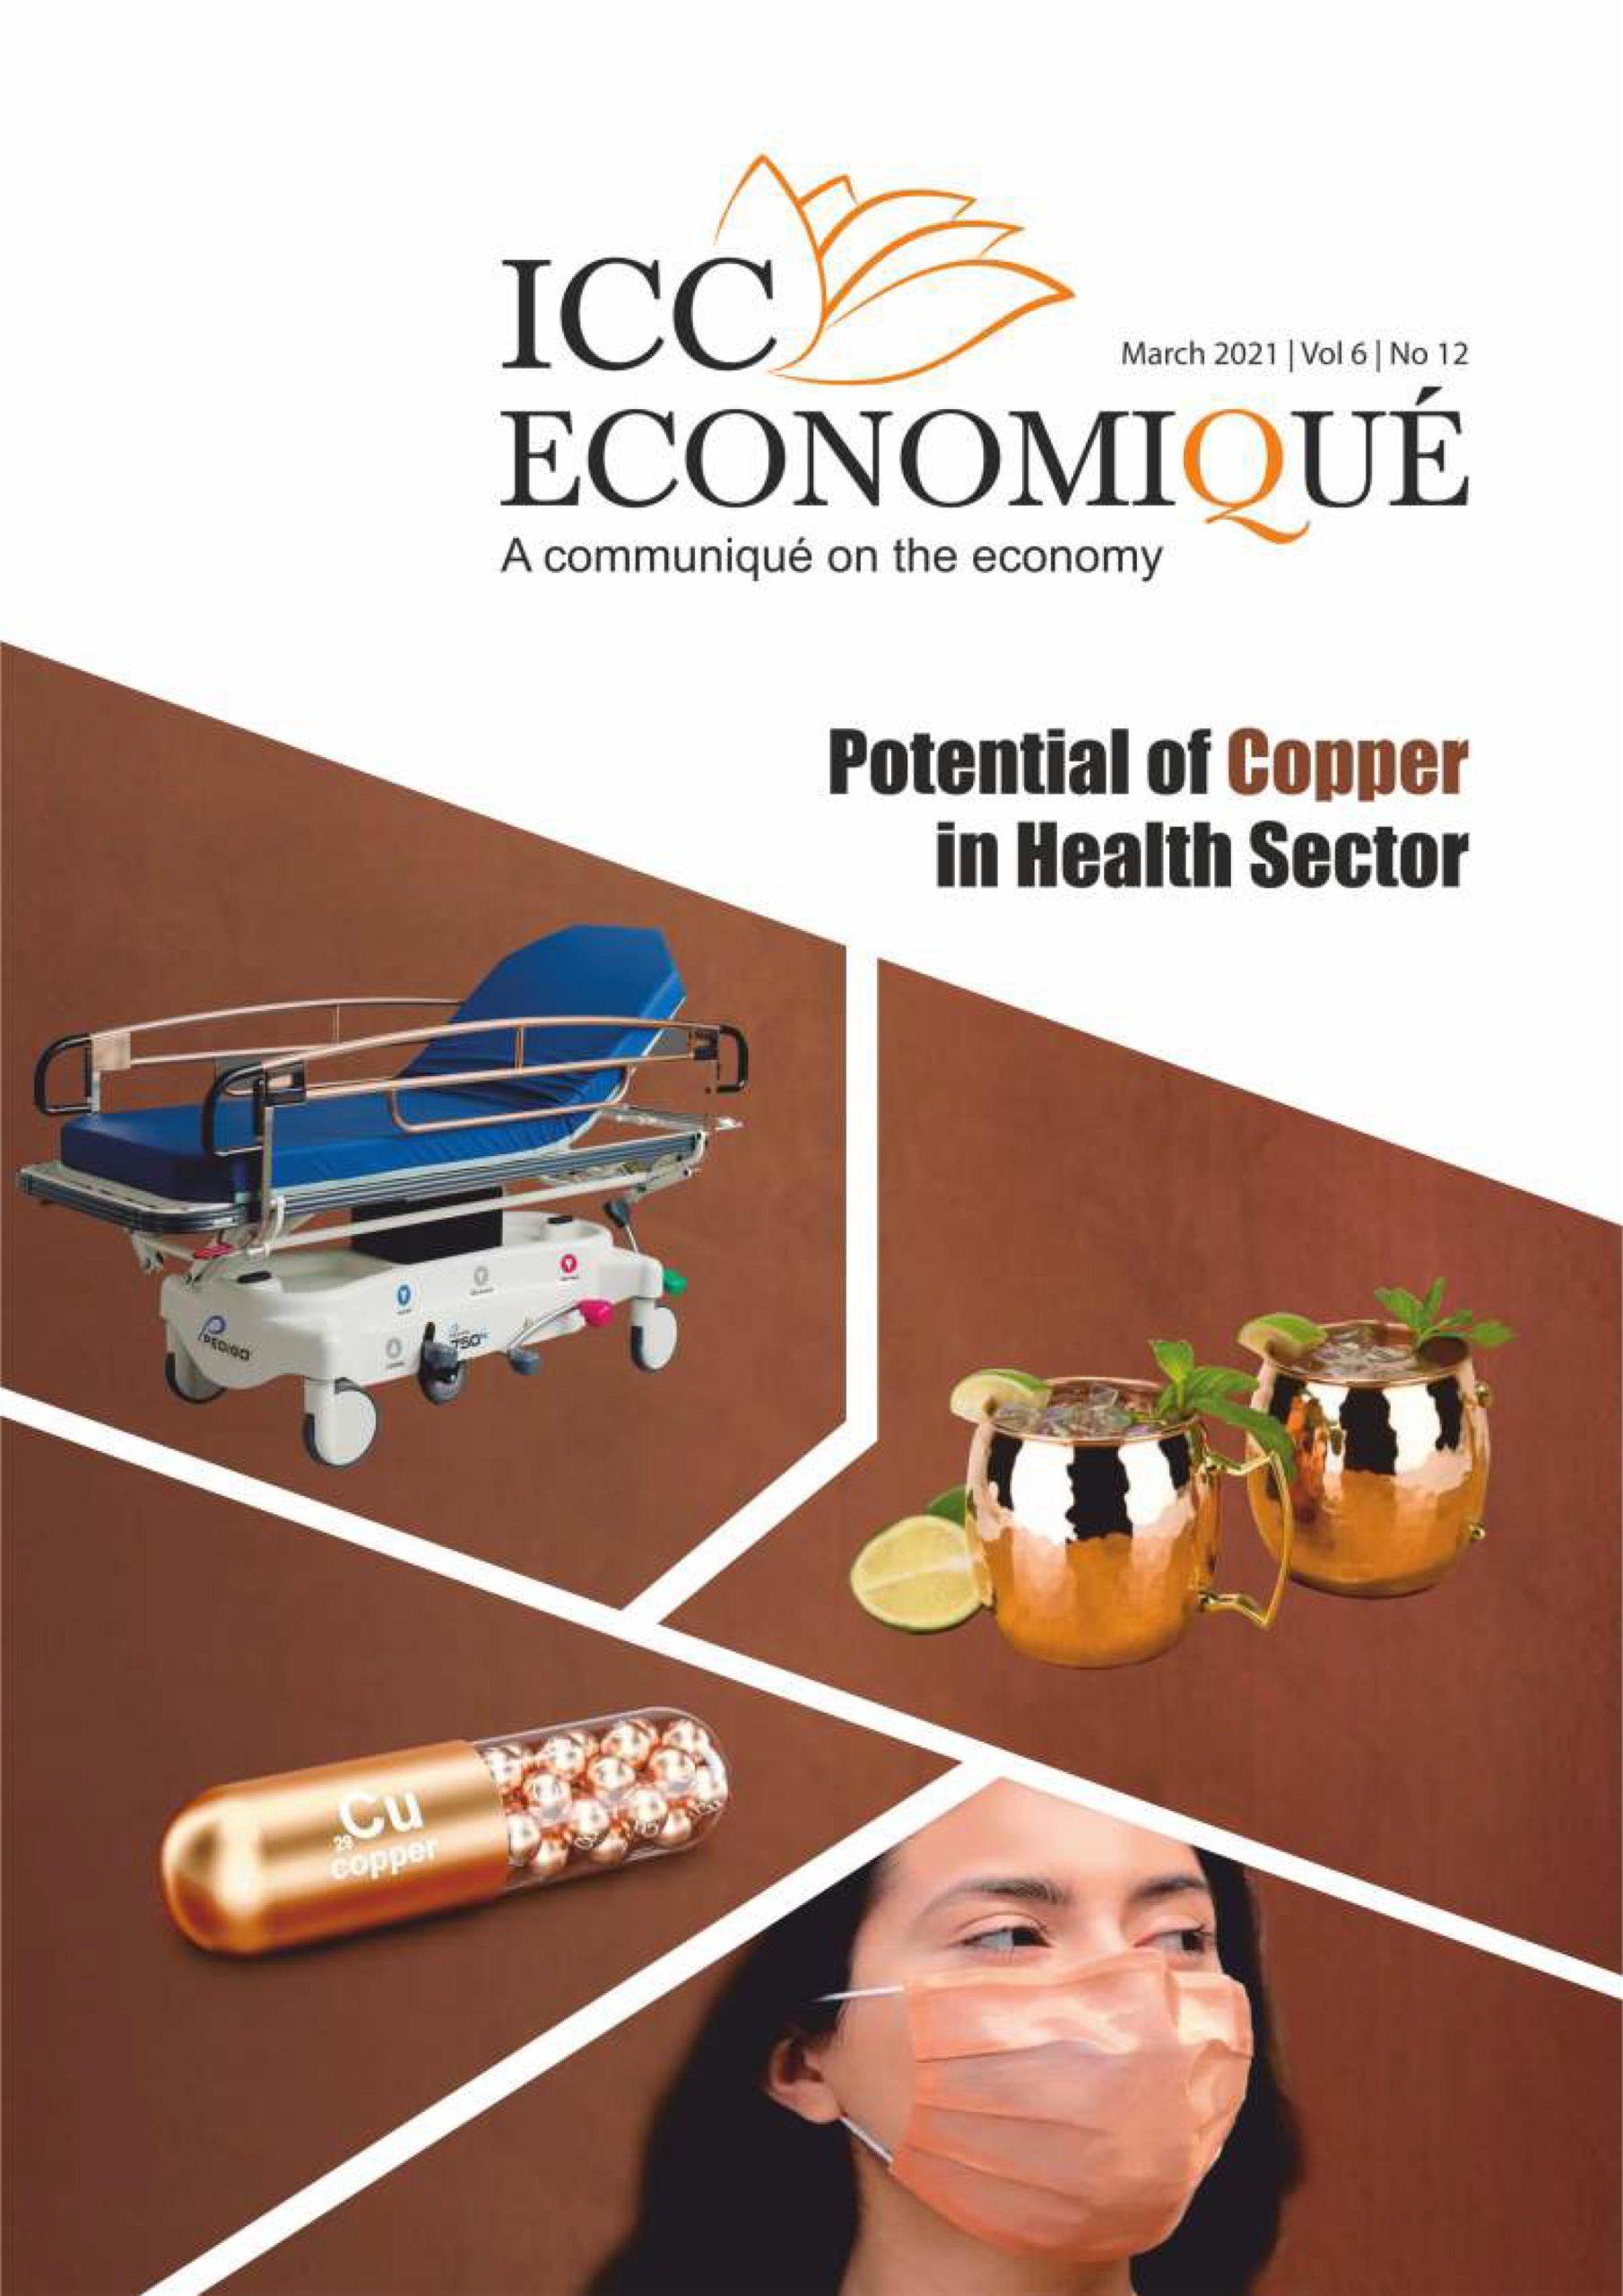 ICC Economique March 2021 | Vol 6 | No 12